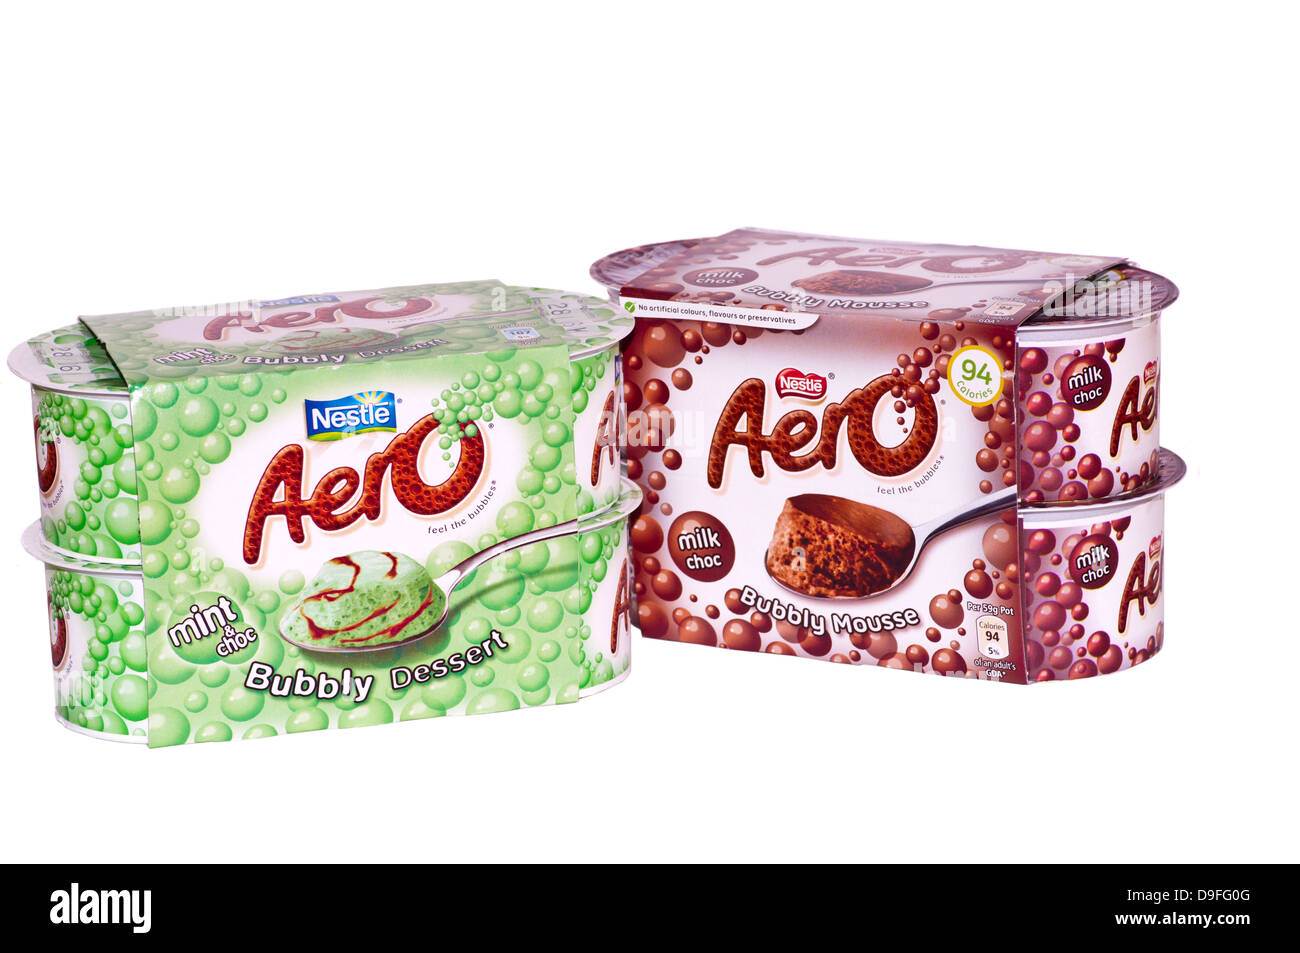 Nestle Aero Mousse - Stock Image